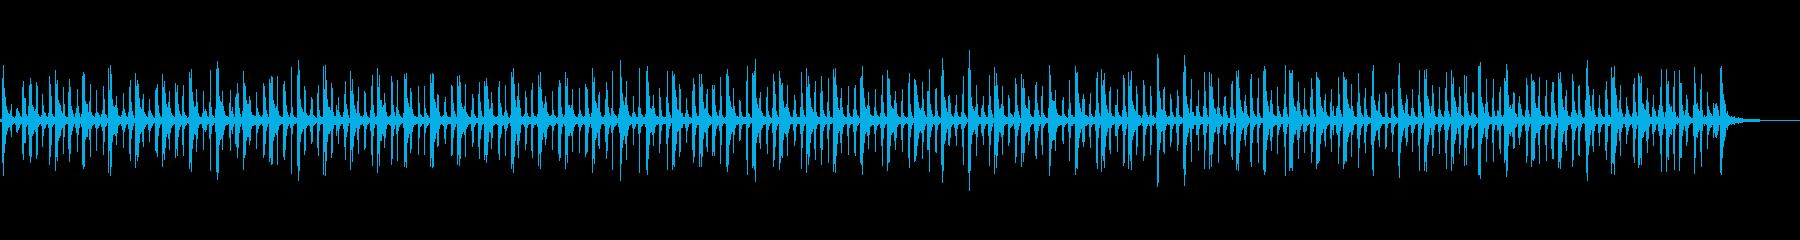 ラテン・シミー・パーカッション・グ...の再生済みの波形